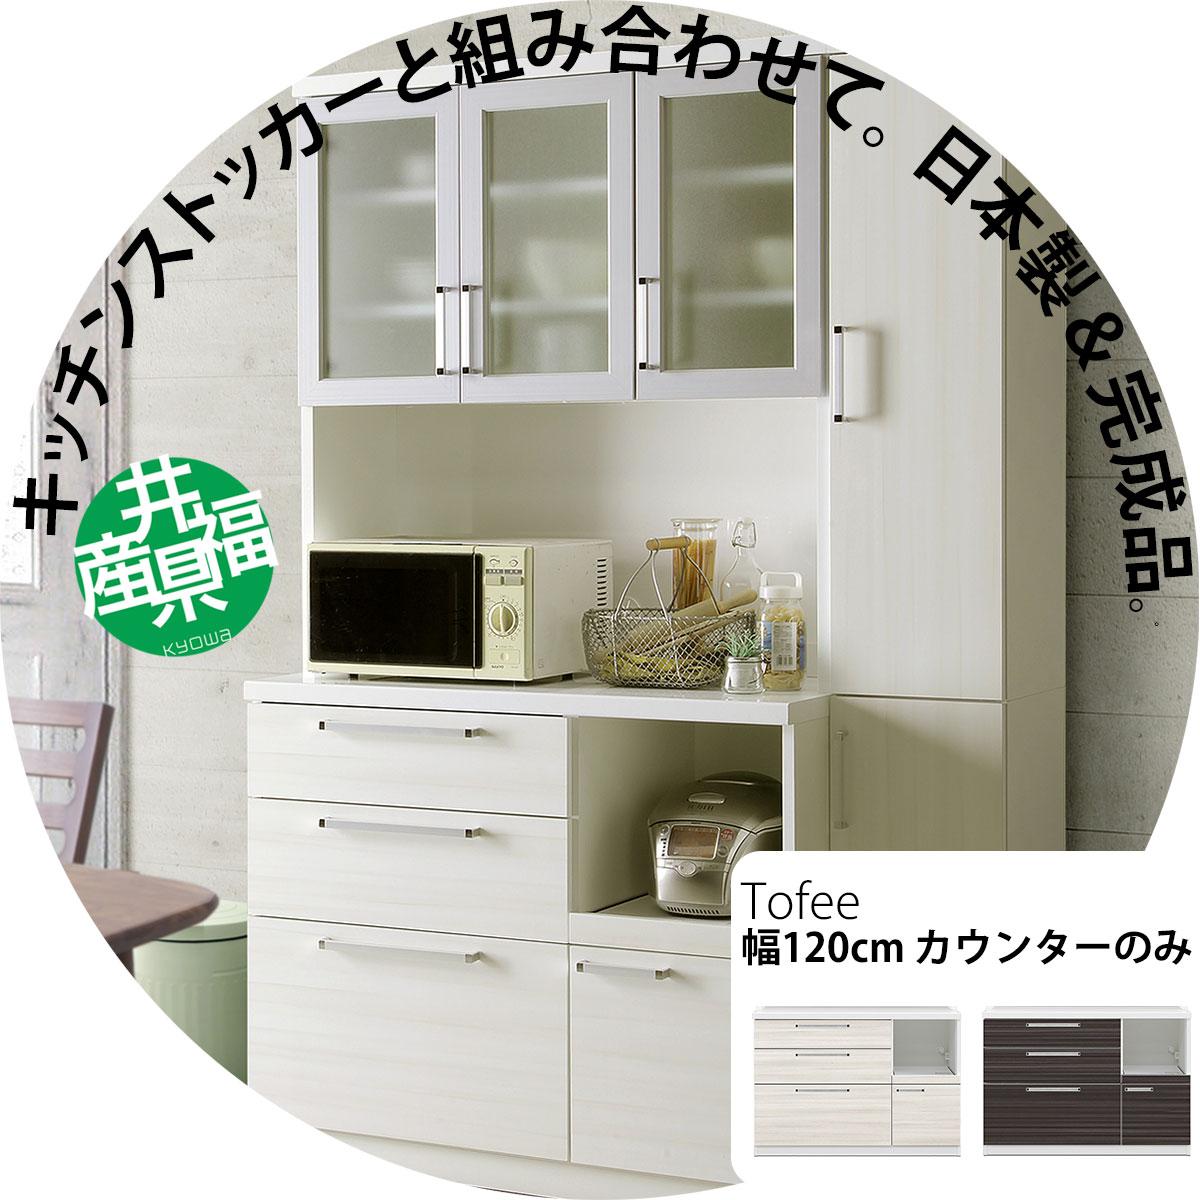 共和産業 タフィー キッチンボード カウンター 【幅120.3×奥50×高85cm】 ホワイト ブラック 120KB-CO